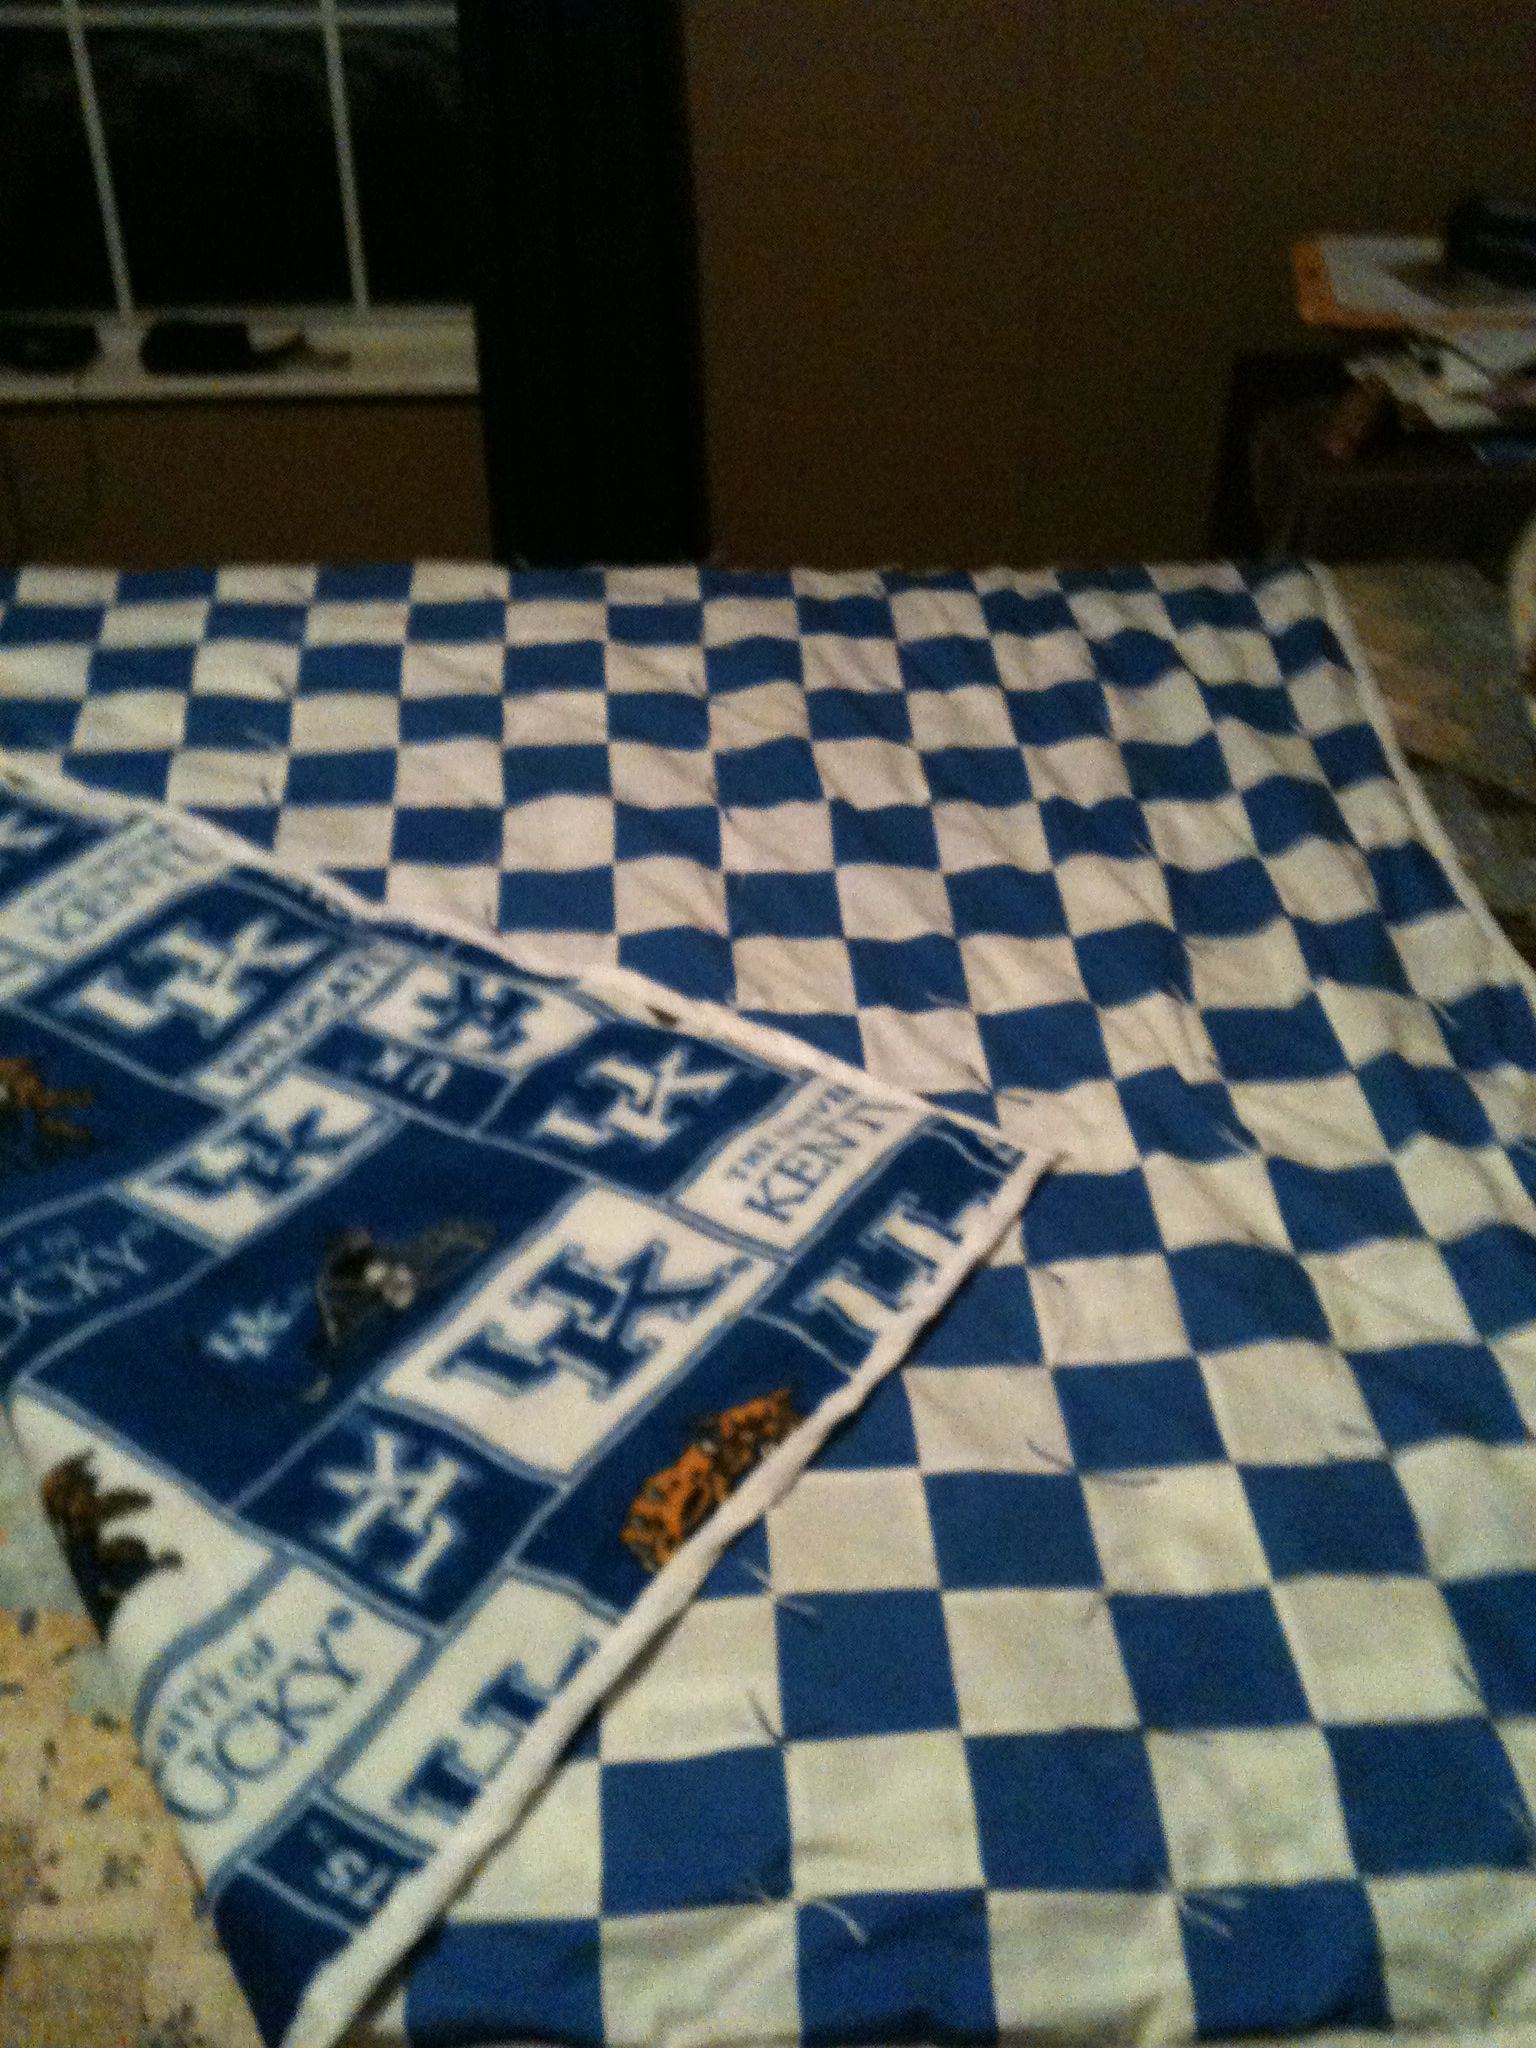 Kentucky Wildcat Quilt | Quilts | Pinterest | Kentucky : university of kentucky quilt - Adamdwight.com